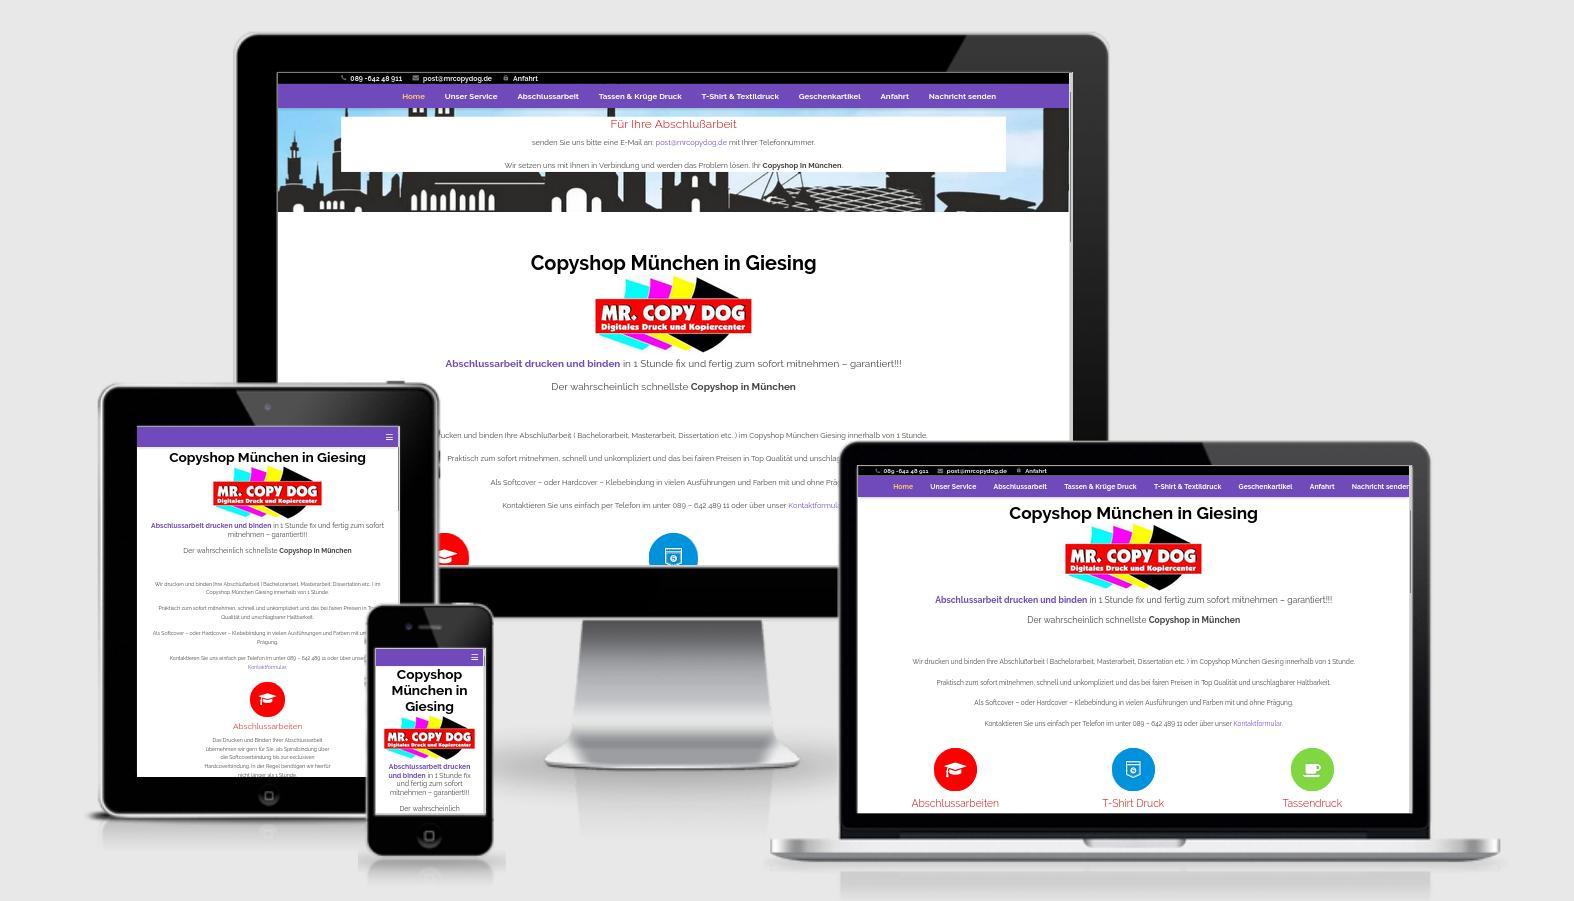 https://copyshop-in-muenchen.de Website Relaunch: Suchmaschinenoptimierung (SEO), Verbesserung des Benutzerelebnisses (UX/UI), Wartung, Ladezeitoptimierung, neues Hosting